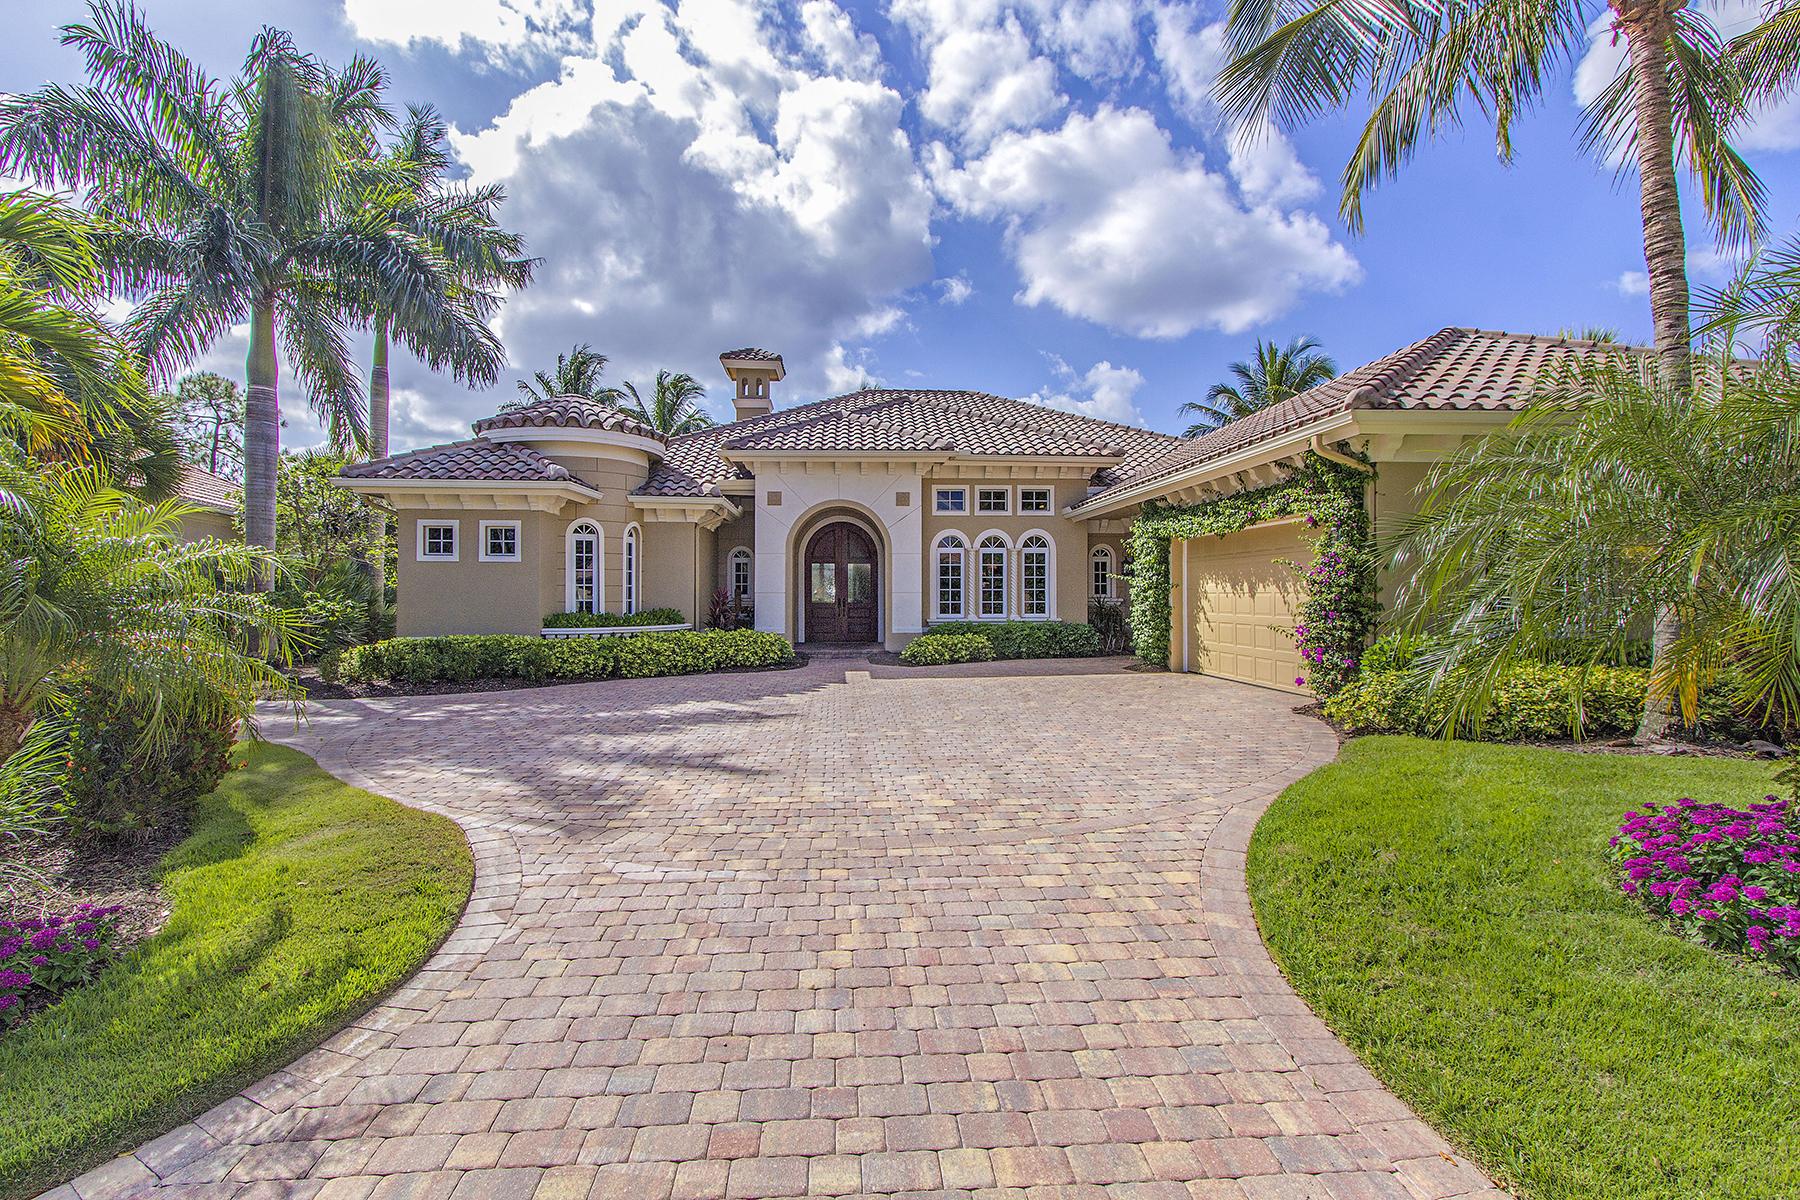 Maison unifamiliale pour l Vente à Naples 2906 Leonardo Ave Naples, Florida, 34119 États-Unis